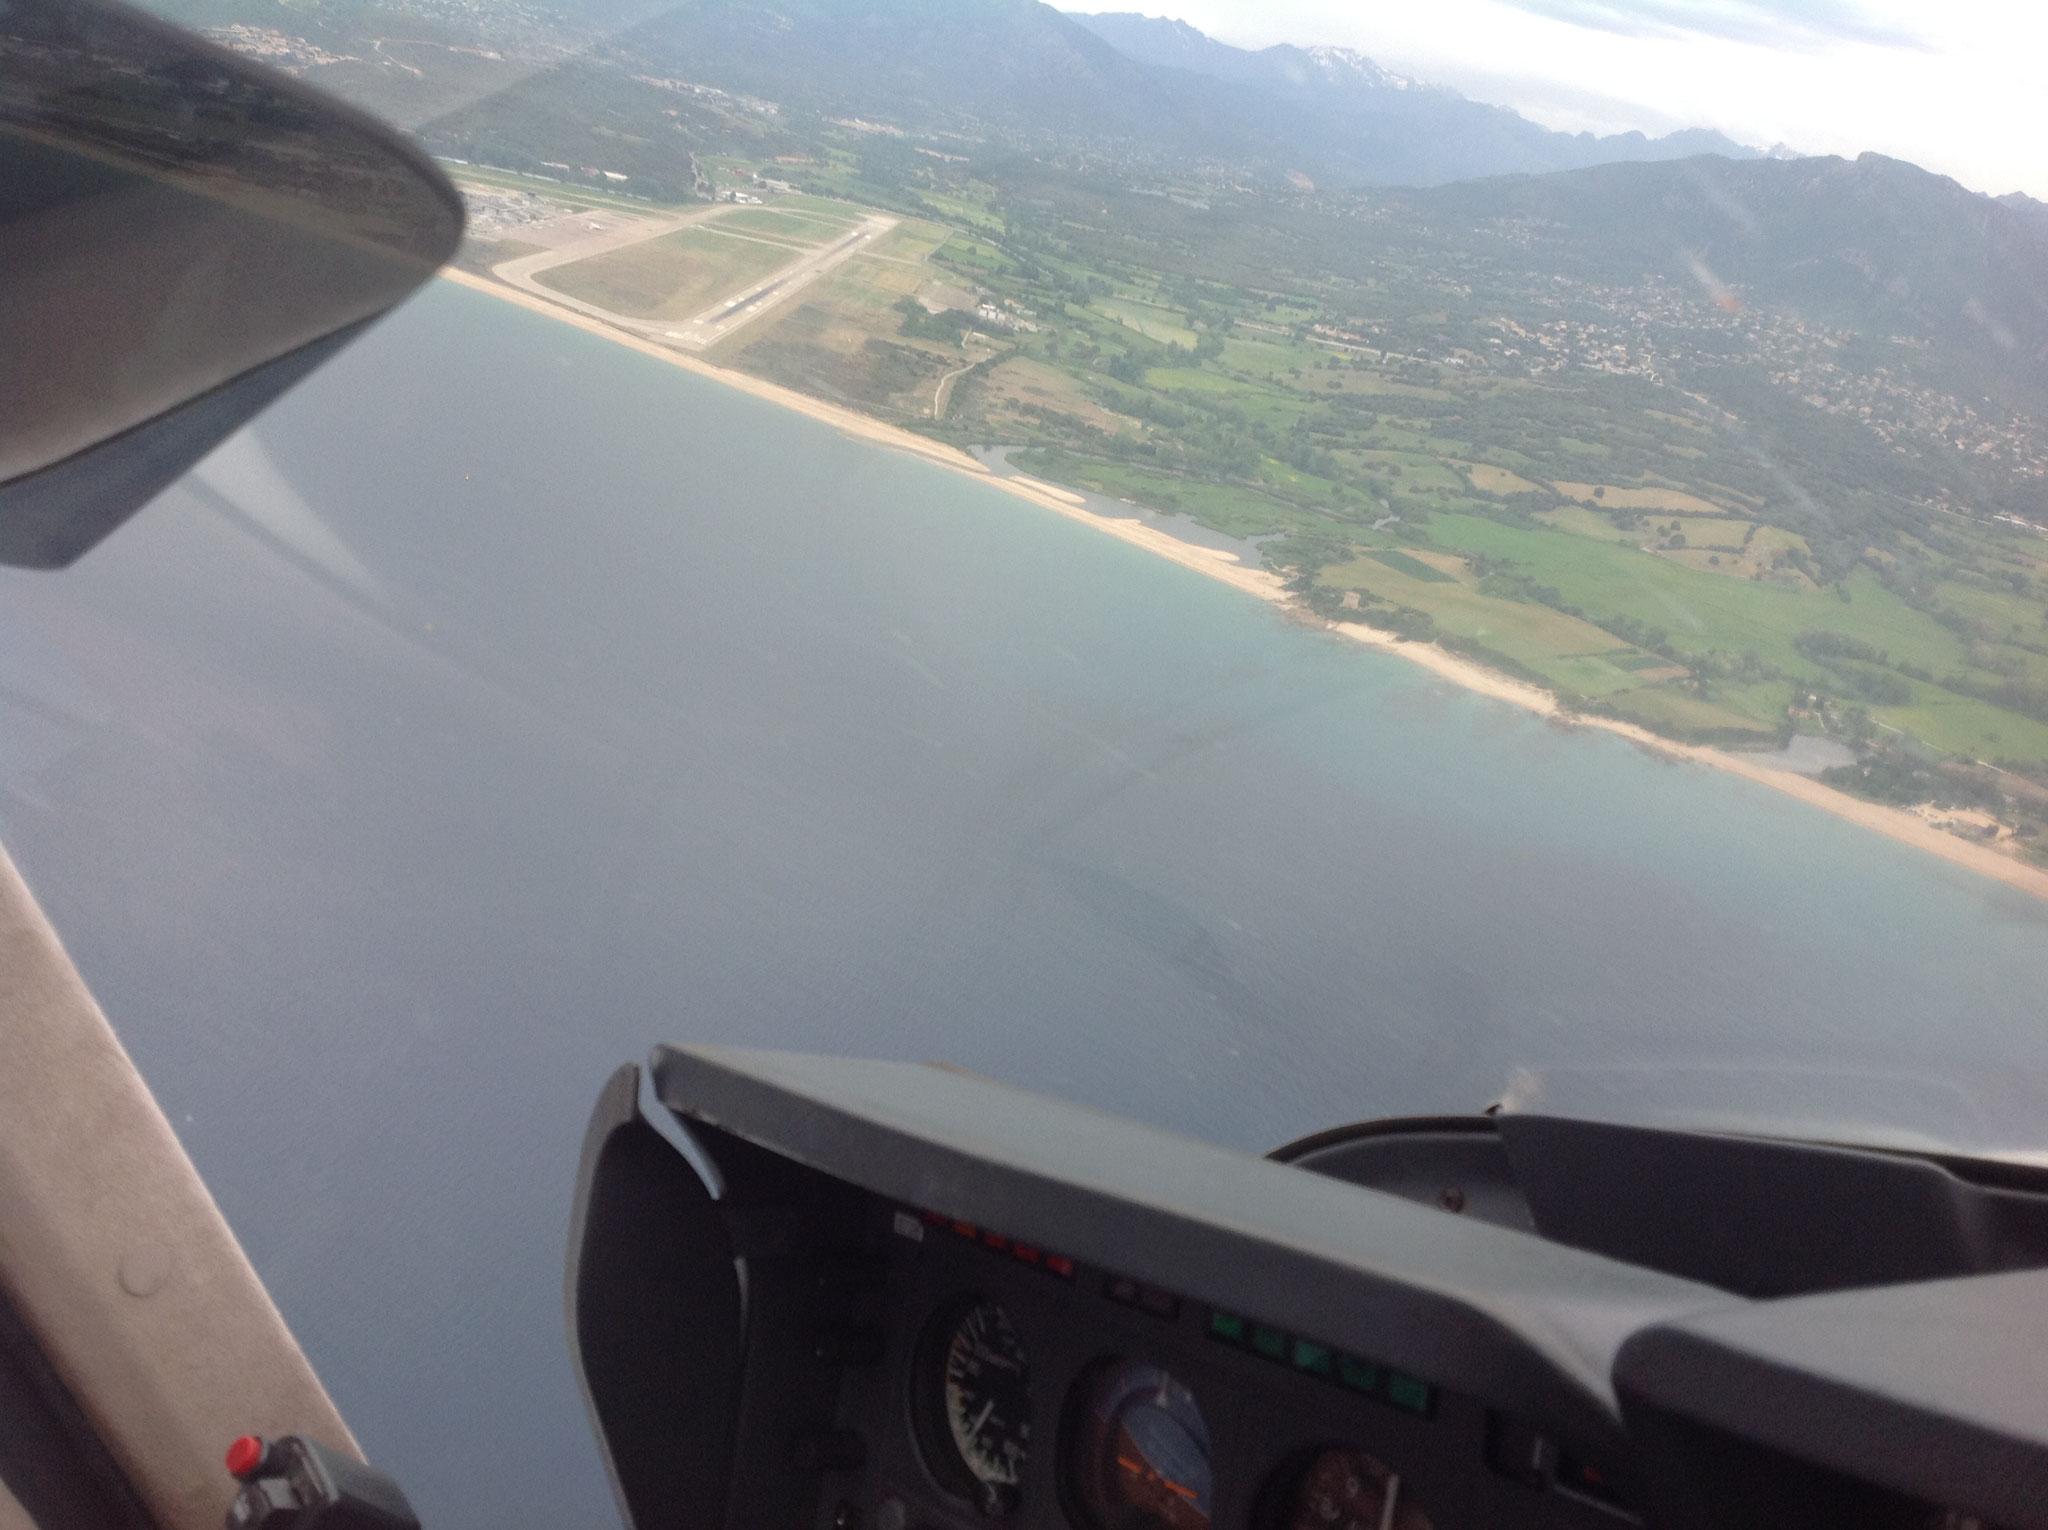 En approche à Ajaccio (LFKJ)